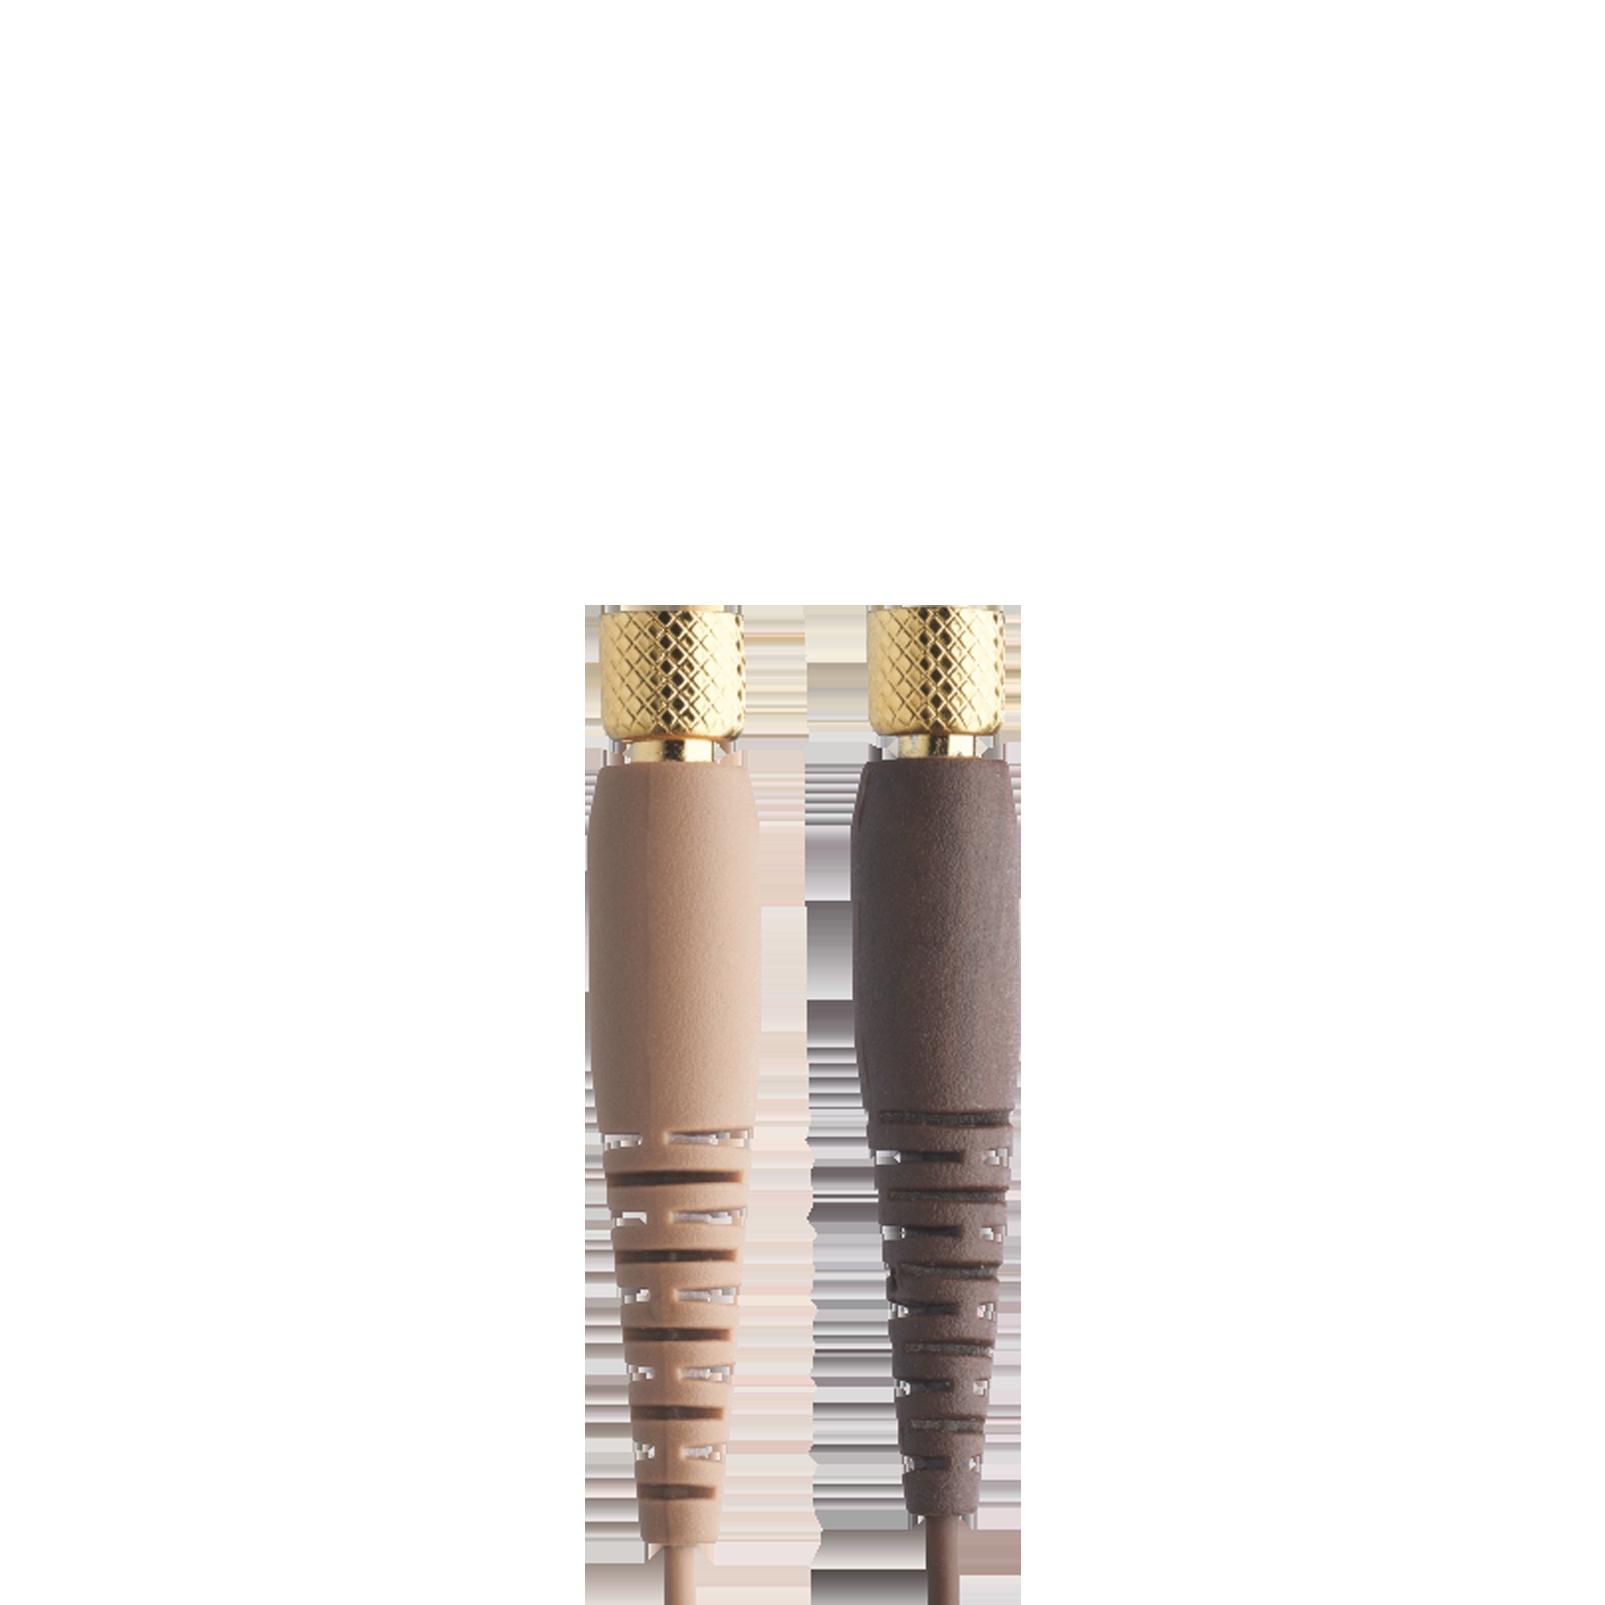 HC82 MD - Beige - Reference lightweight omnidirectional headworn microphone - Detailshot 1